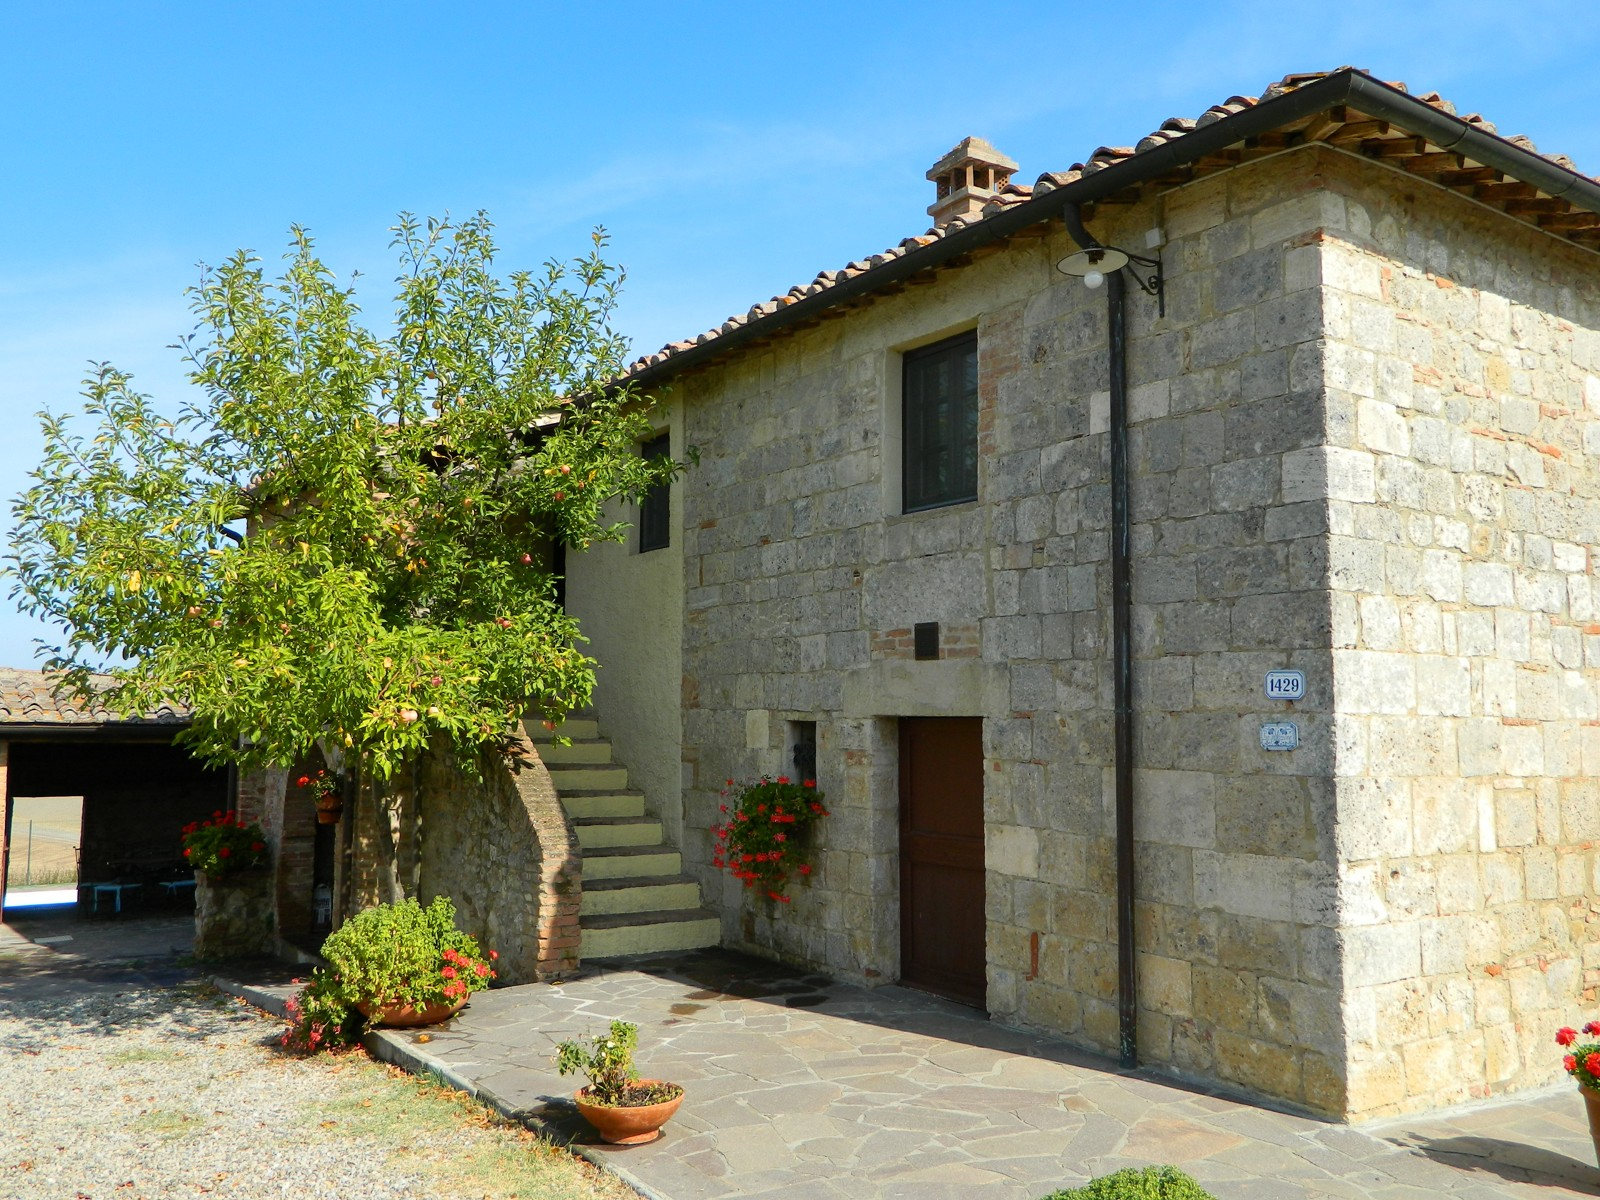 Casale Stine_Monteroni d'Arbia_3